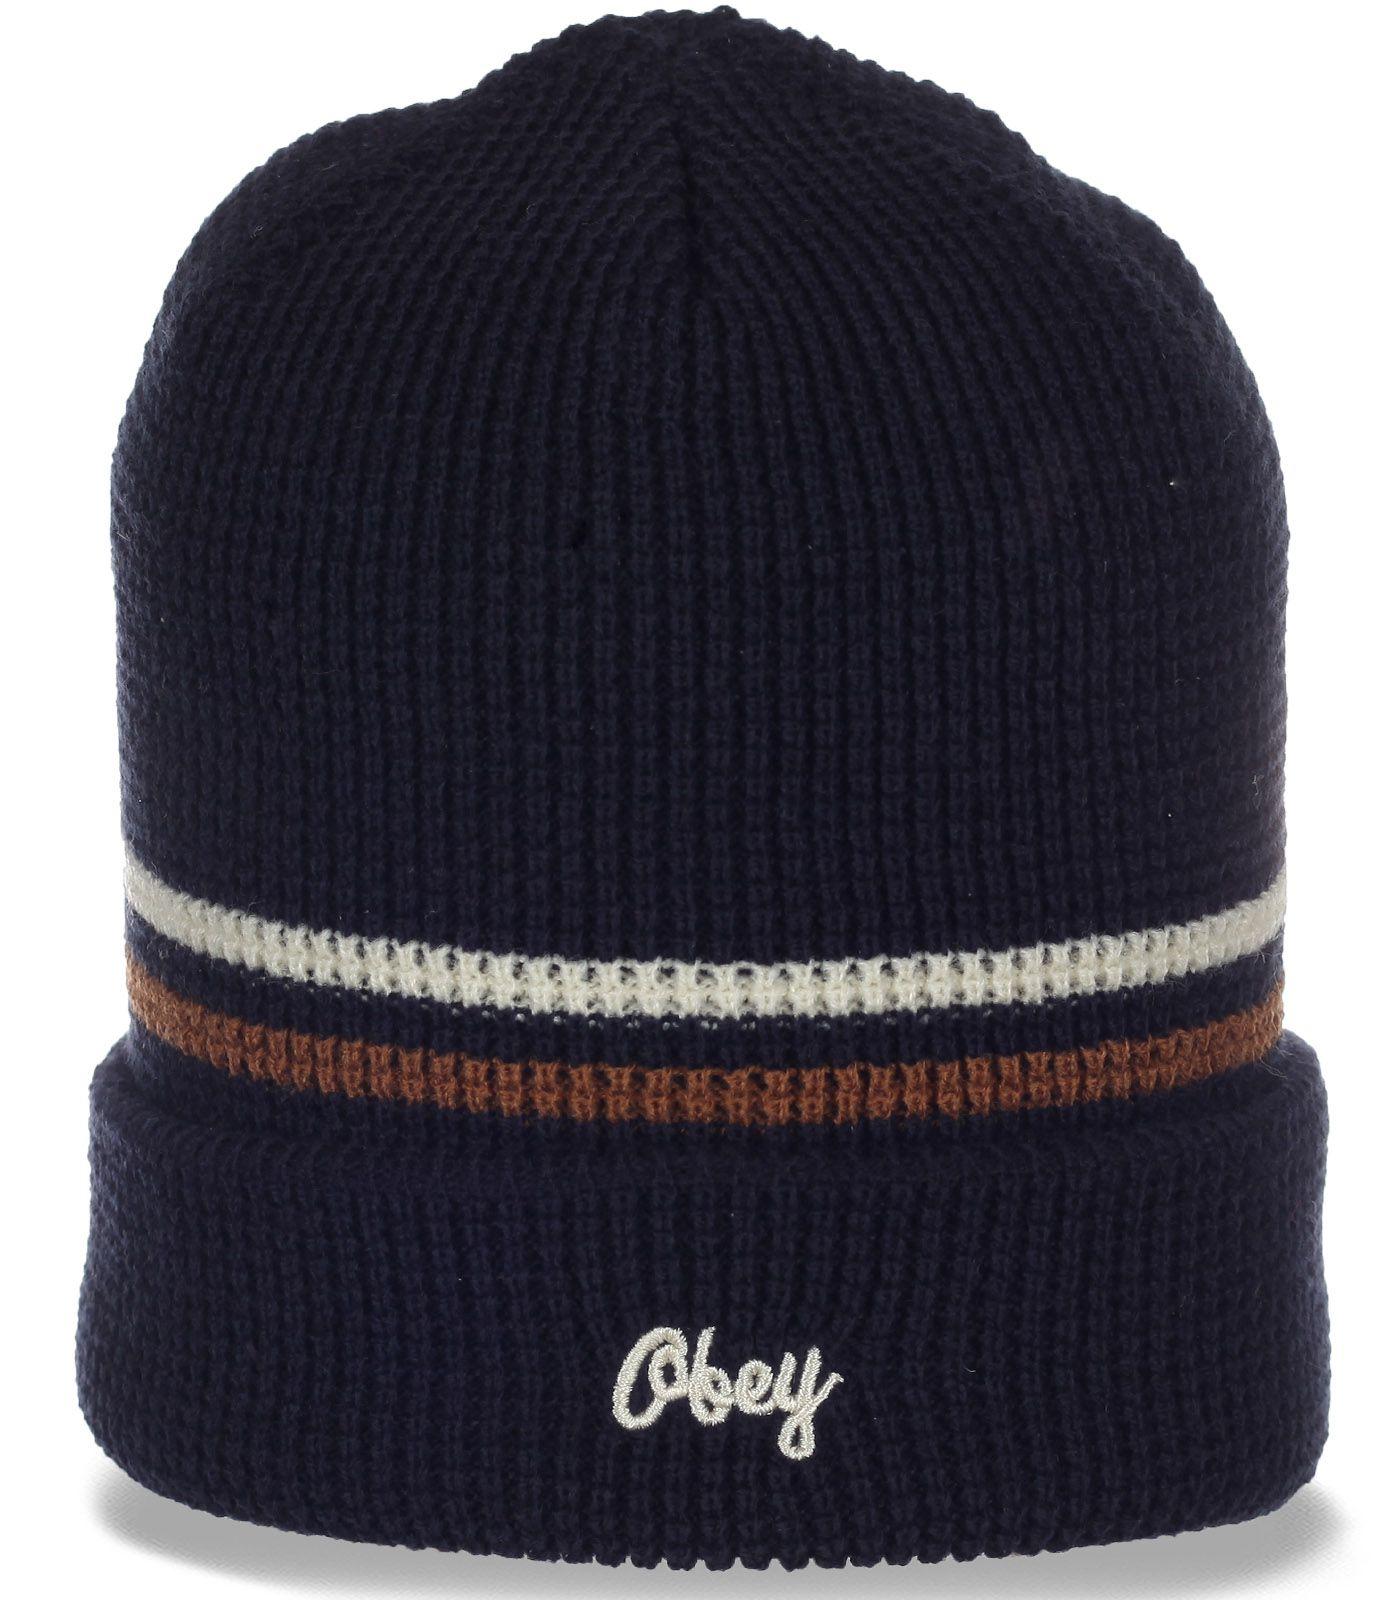 Топовая мужская шапка с отворотом от Obey